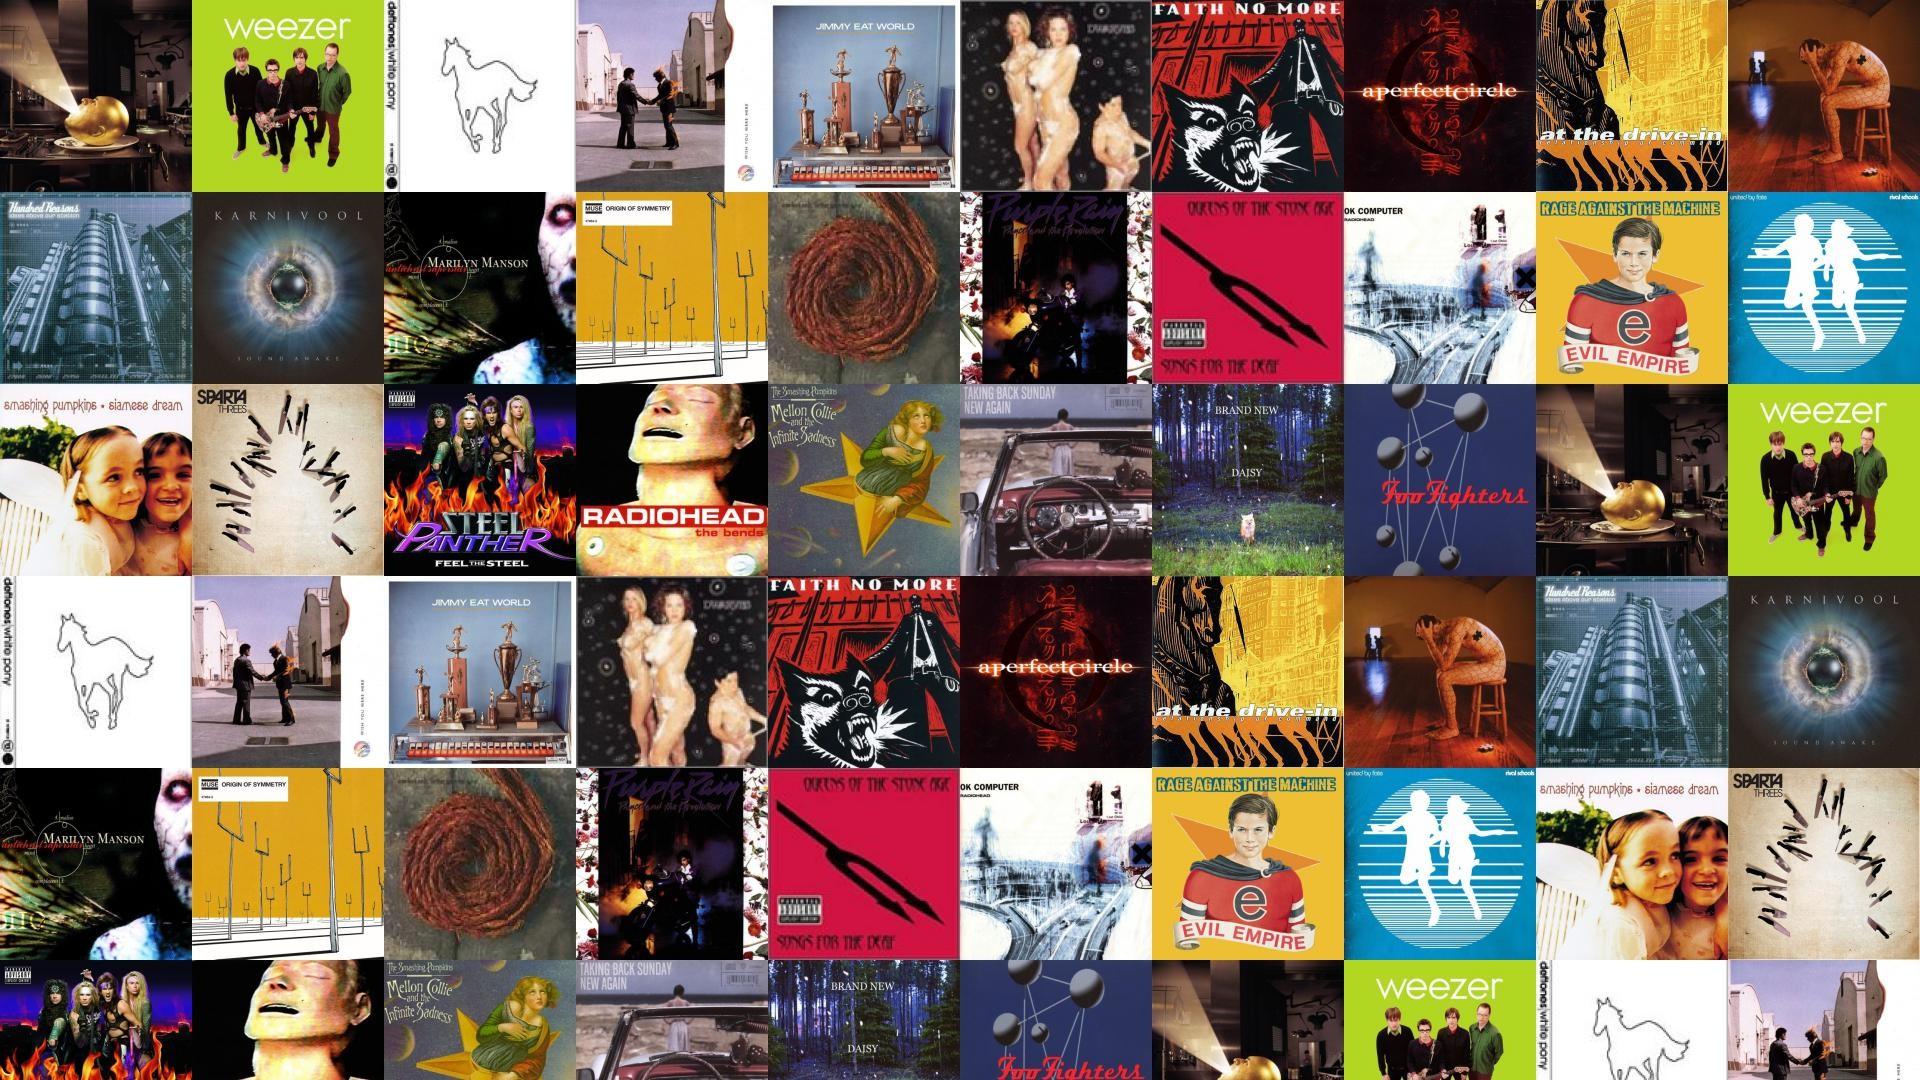 Res: 1920x1080, Mars Volta Deloused In Comatorium Weezer Green Deftones Wallpaper Â« Tiled  Desktop Wallpaper